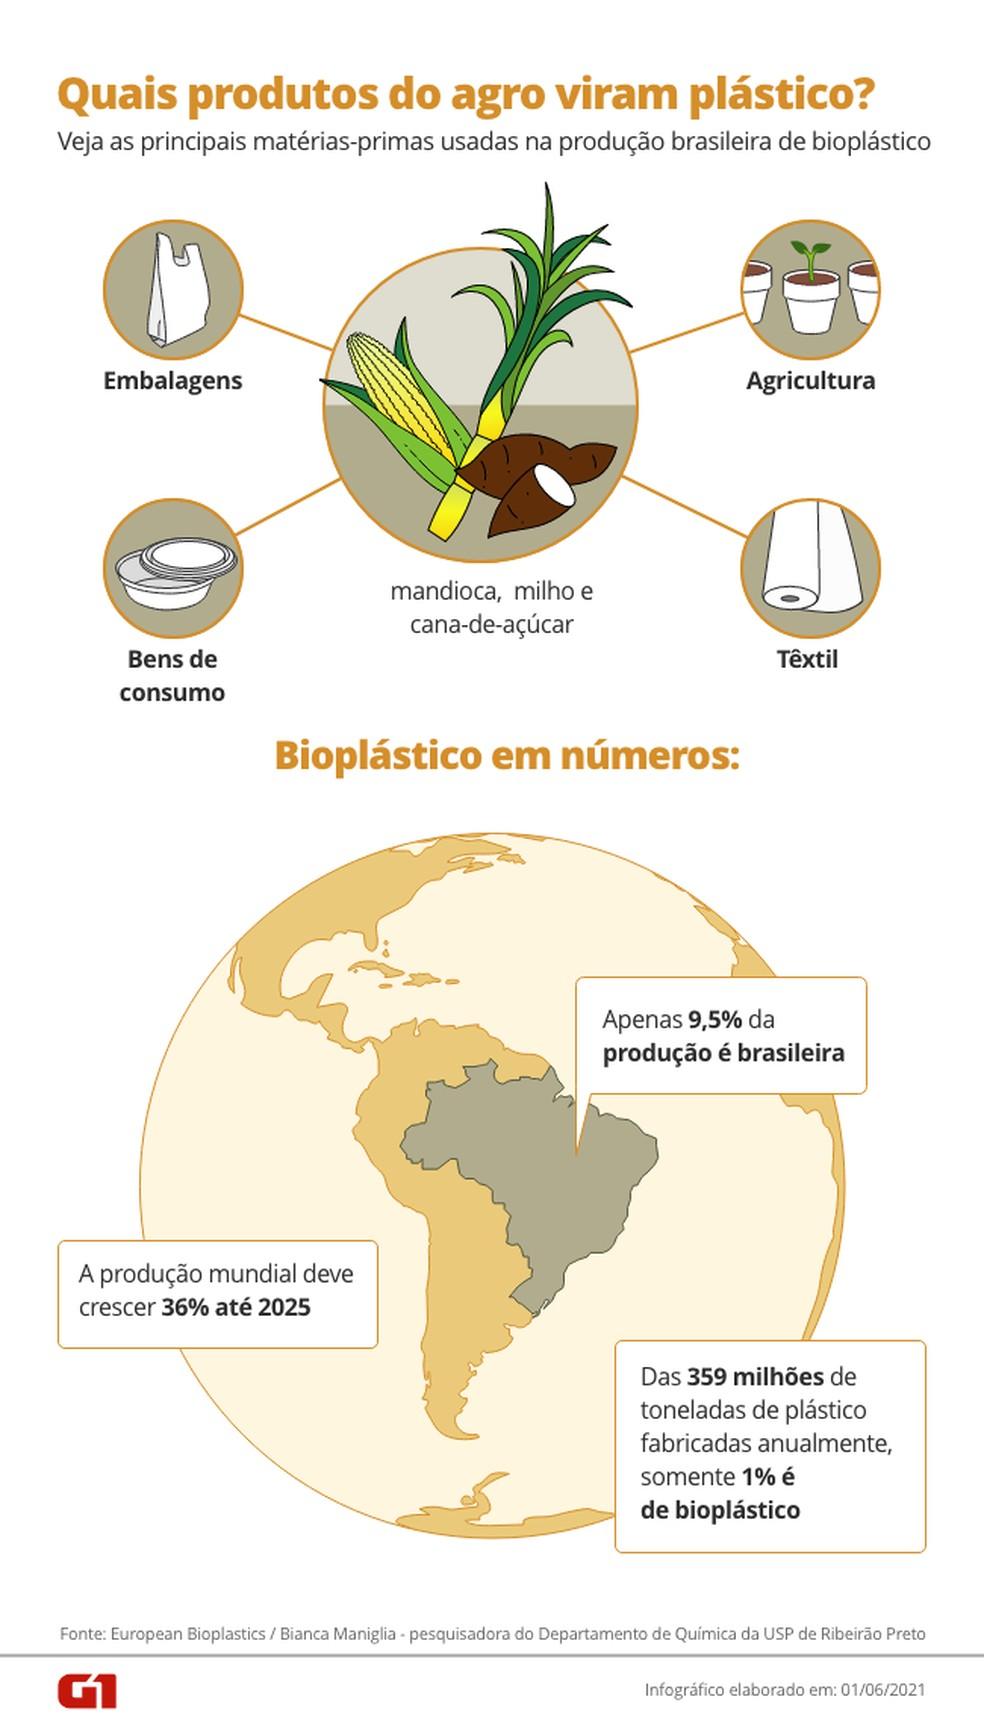 Veja quais produtos do agro viram bioplástico. — Foto: Arte / G1